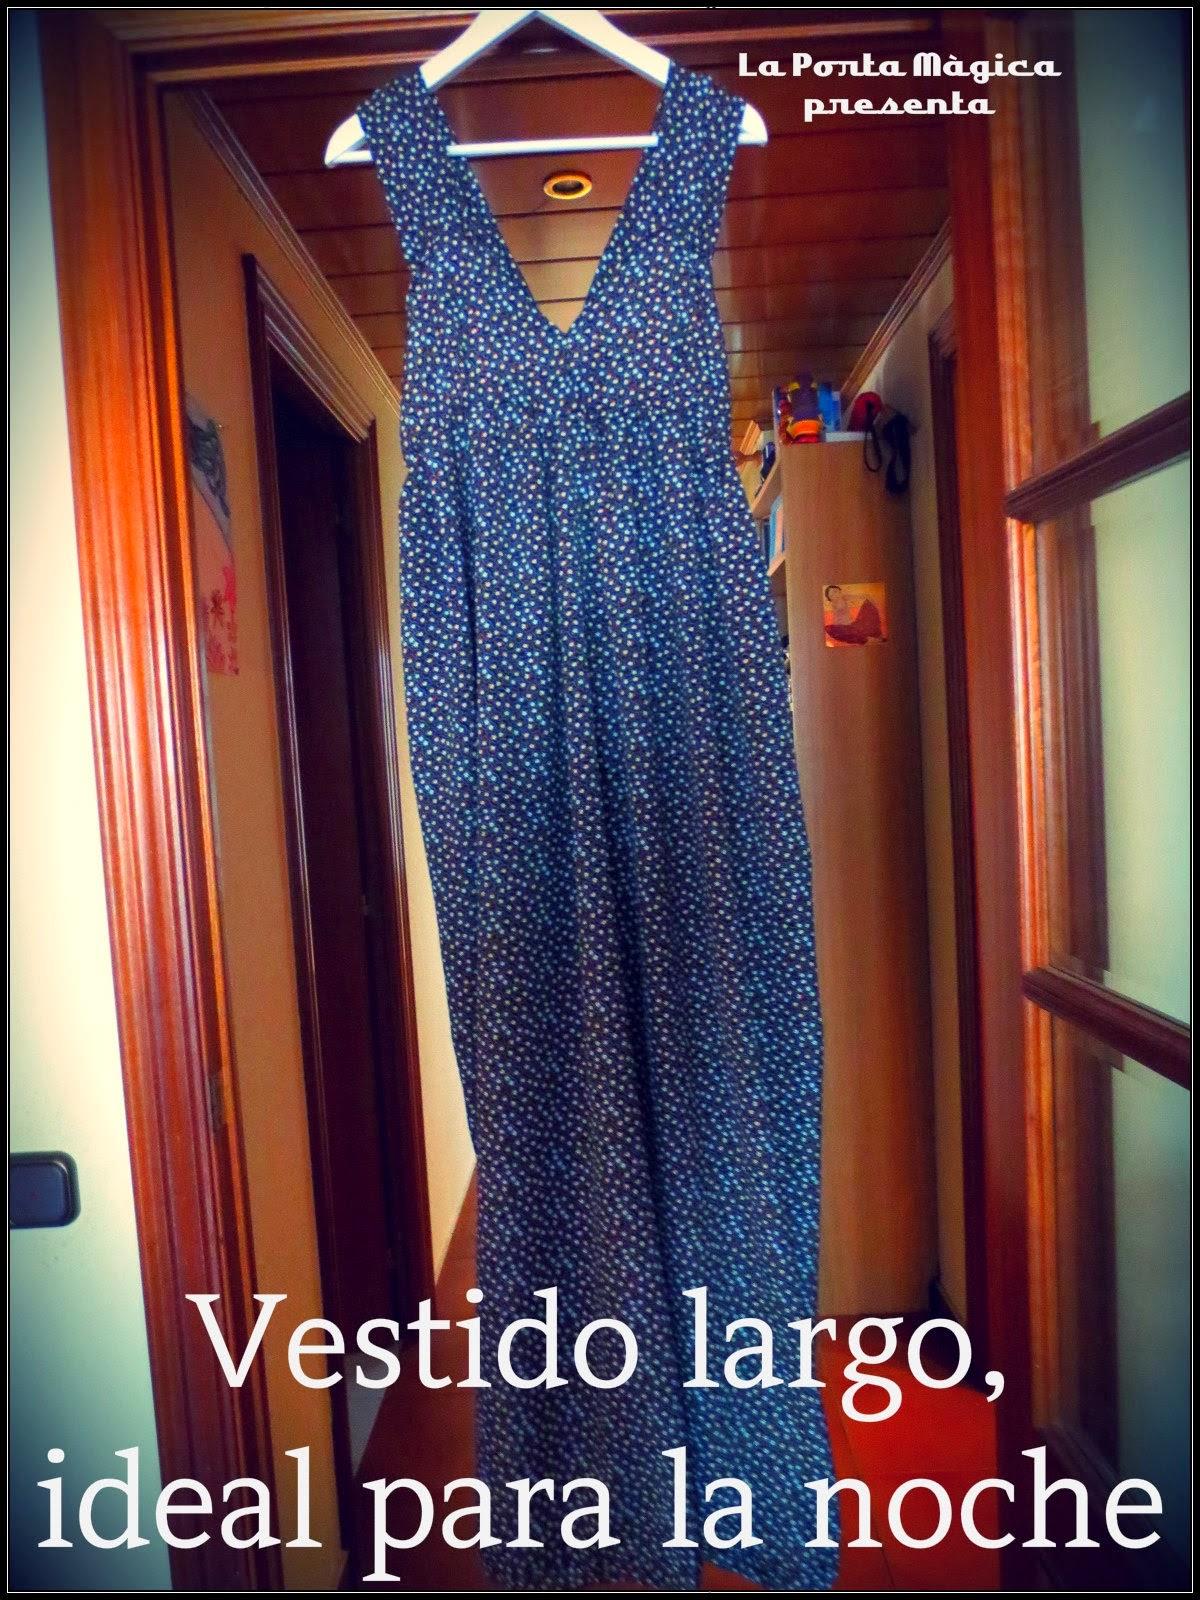 http://laportamagica.blogspot.com.es/2014/02/diy-vestido-largo-ideal-para-la-noche.html